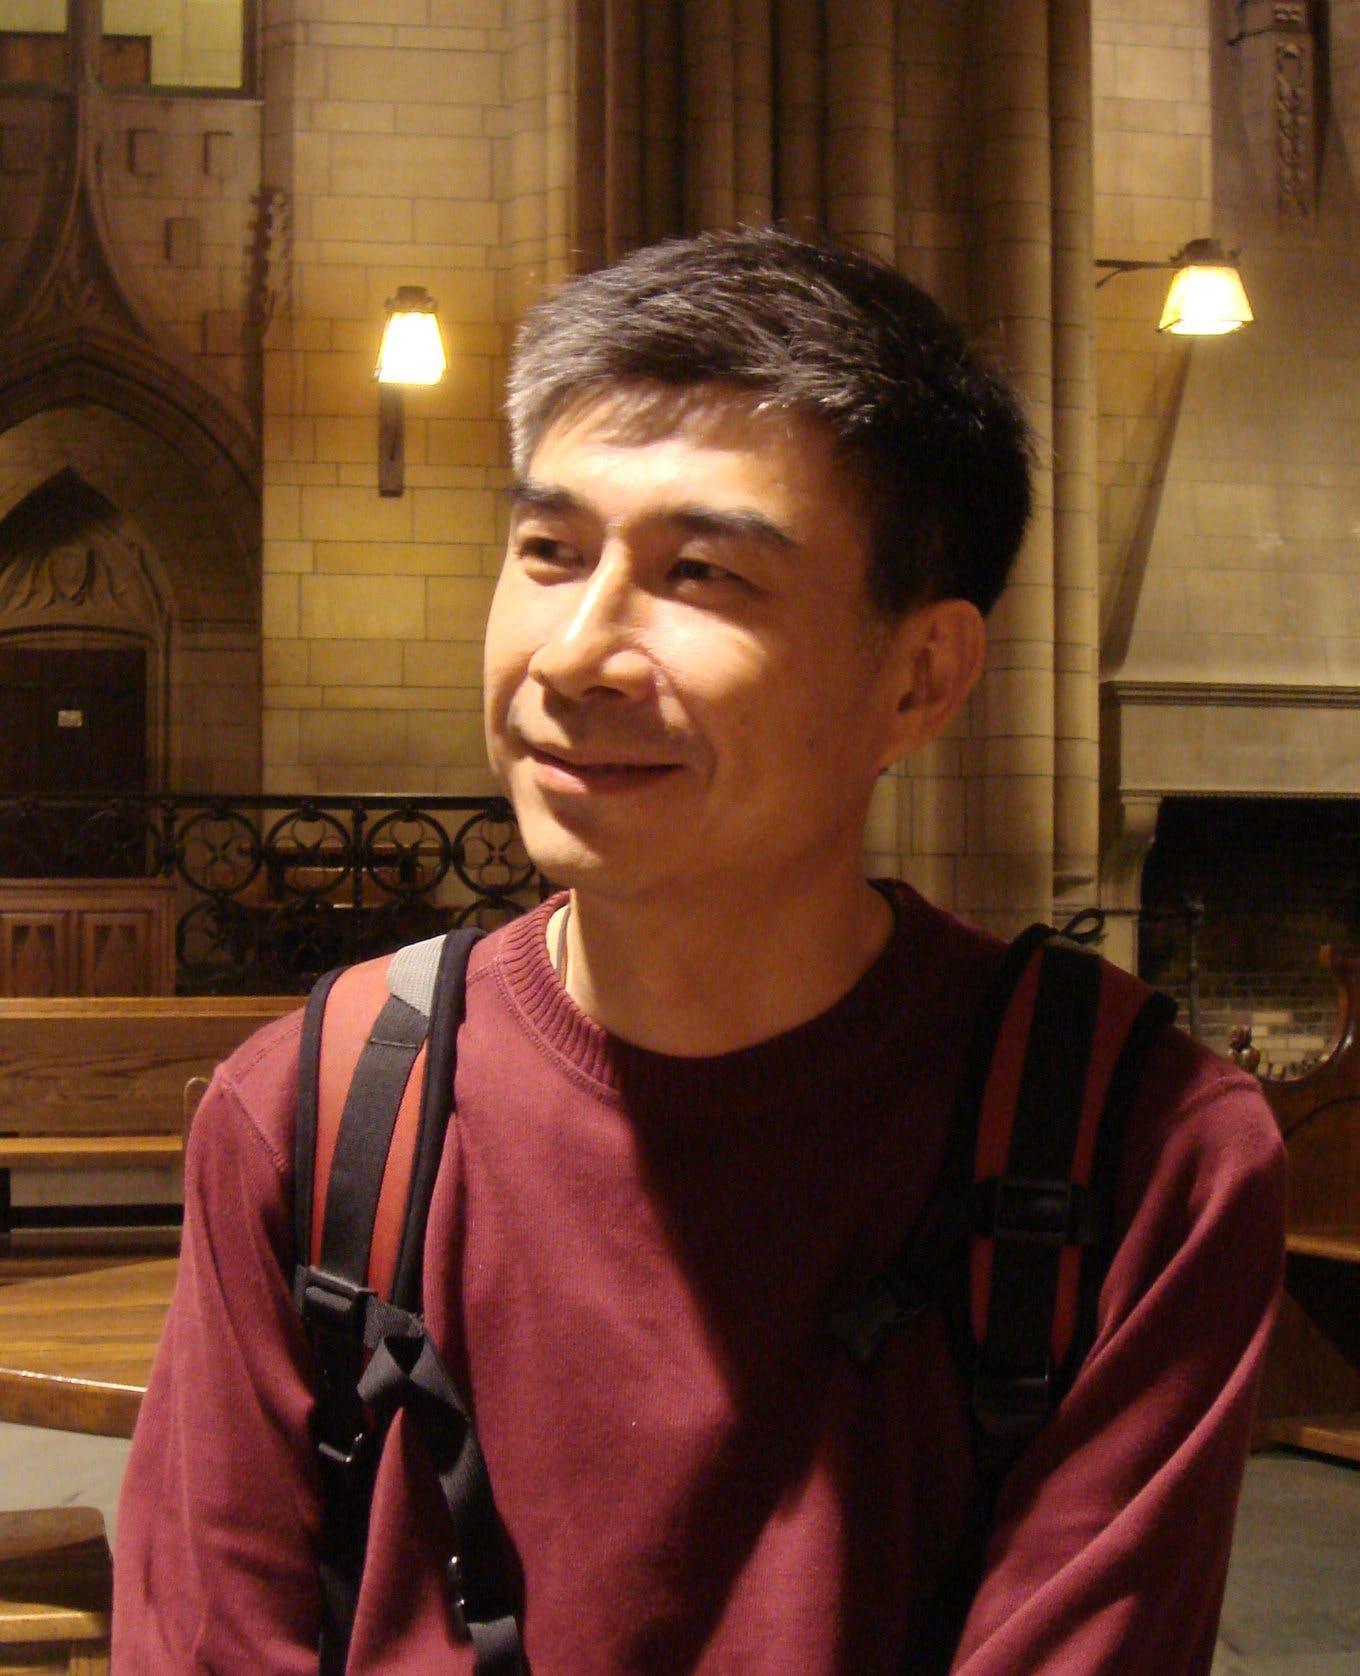 謝尚賢(Shang-Hsien Patrick Hsieh)